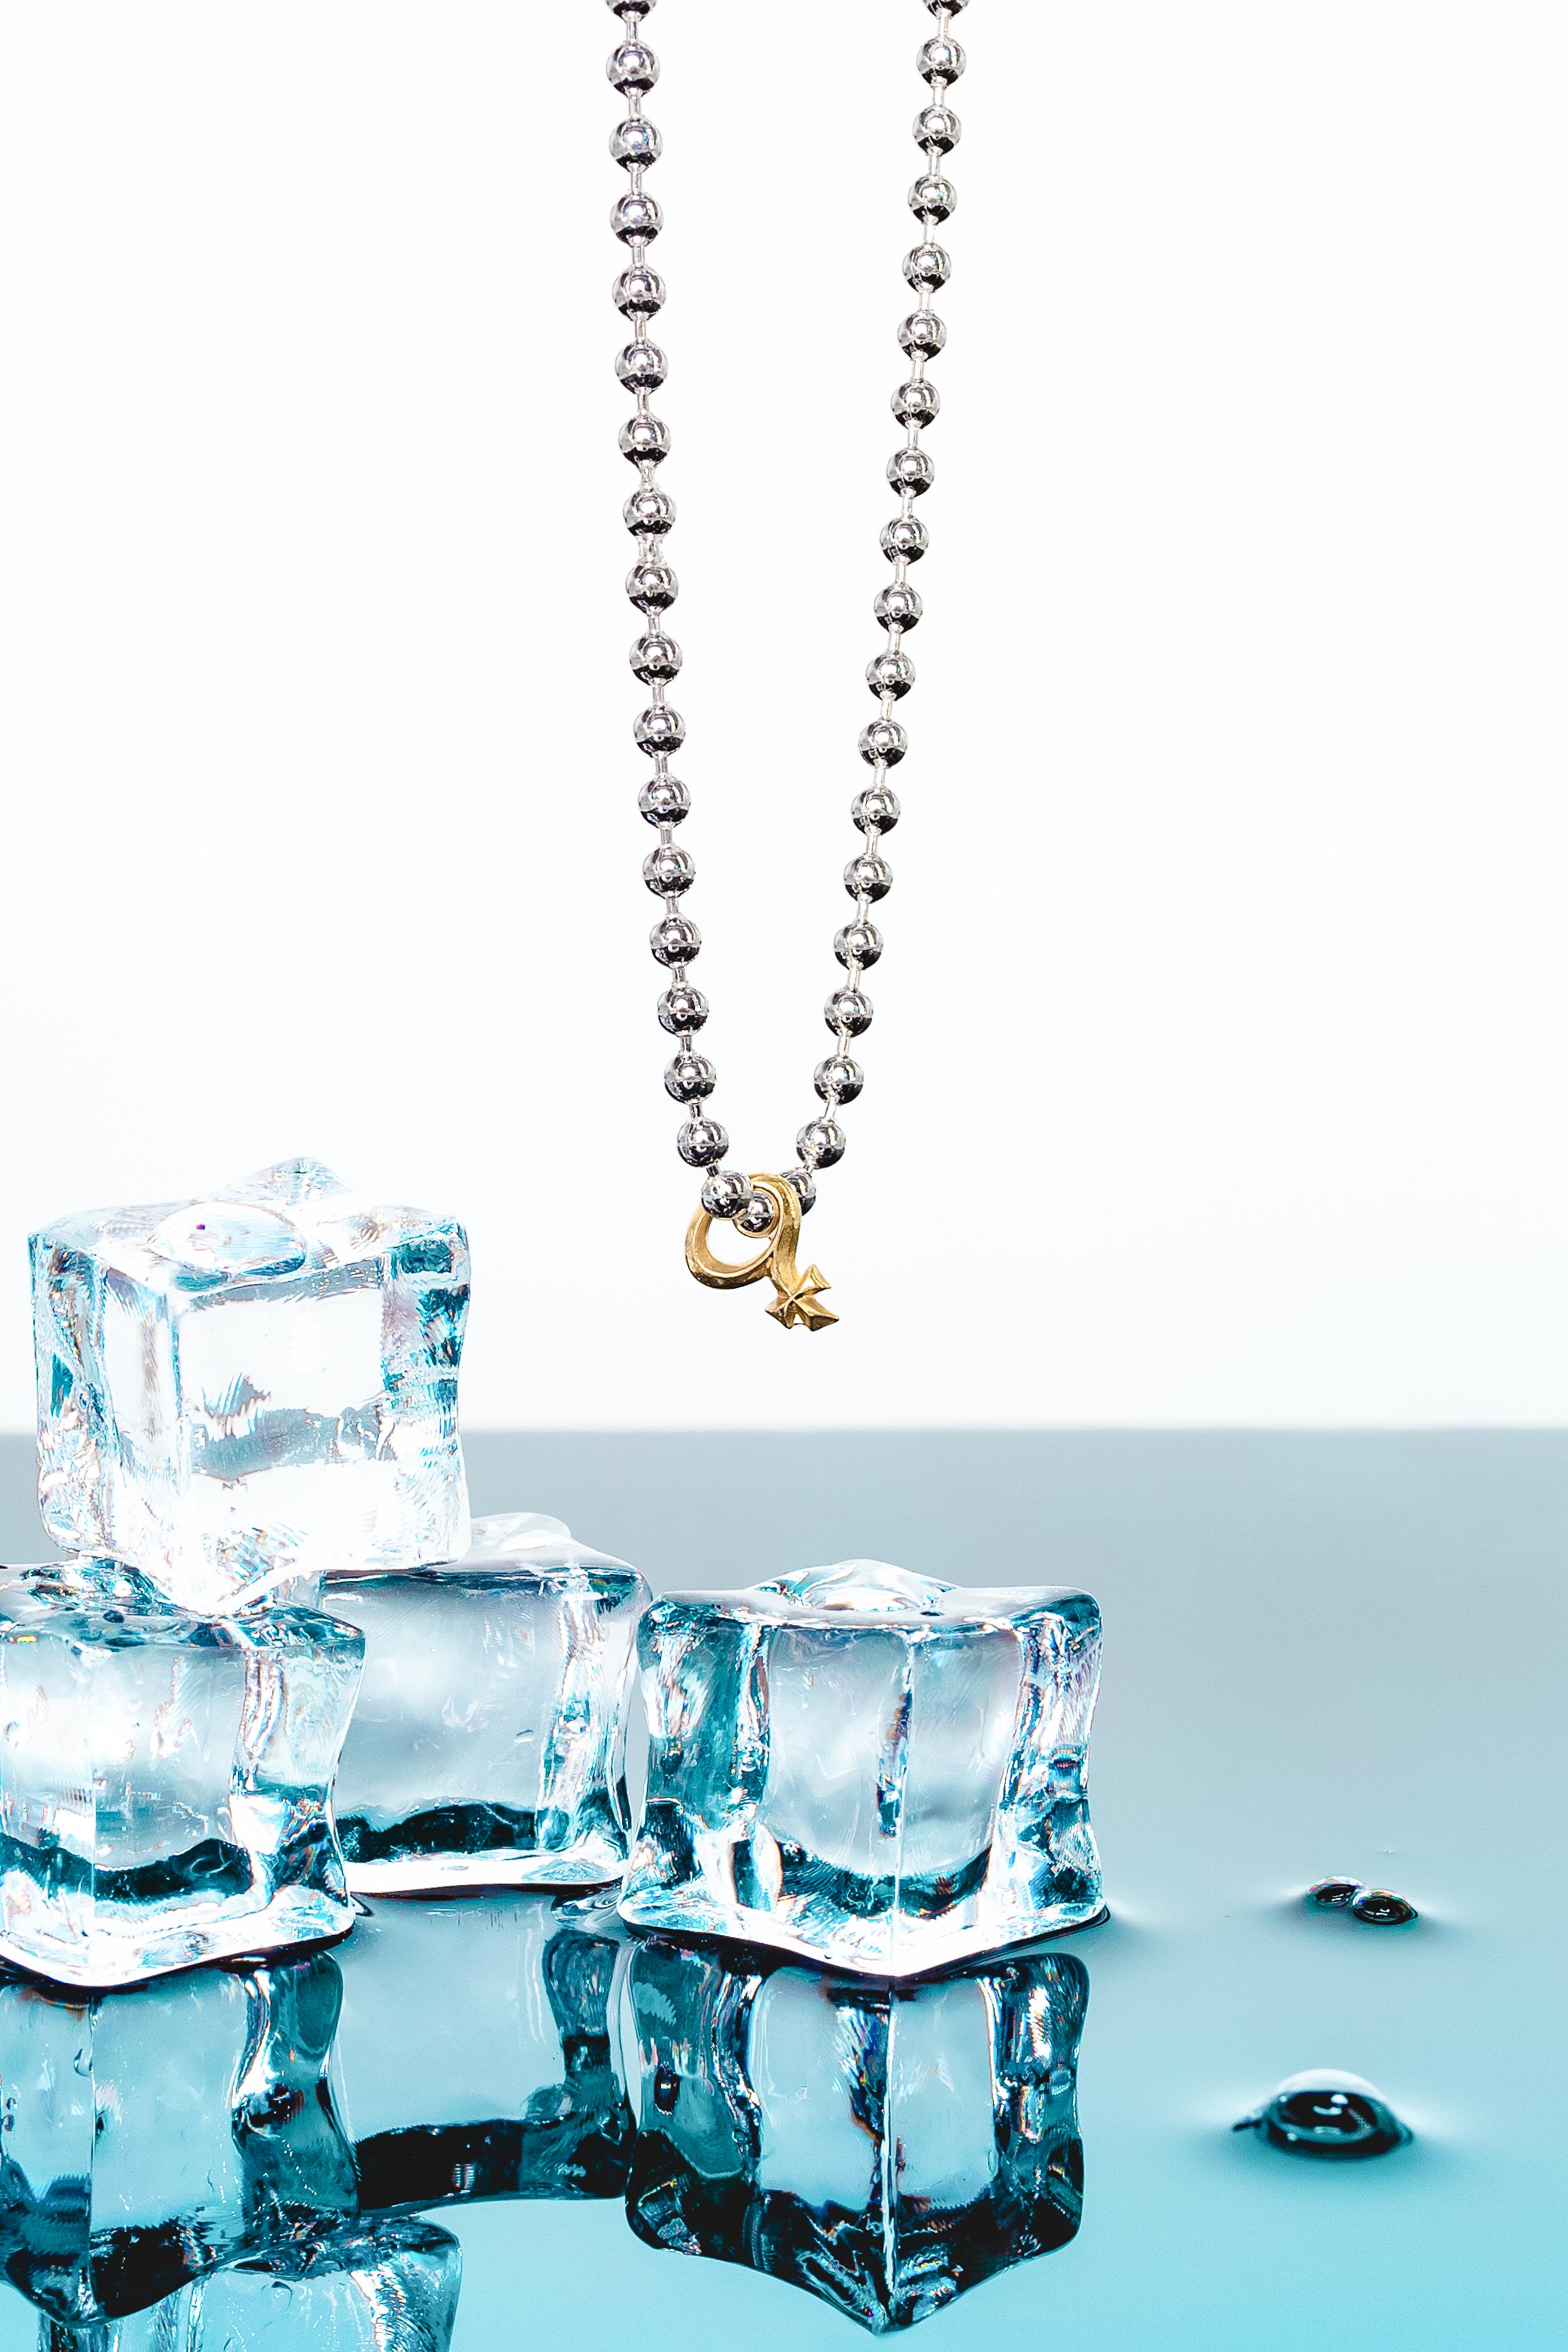 Halskette silver/ VENUS KOLLEKTION  9kt Gold